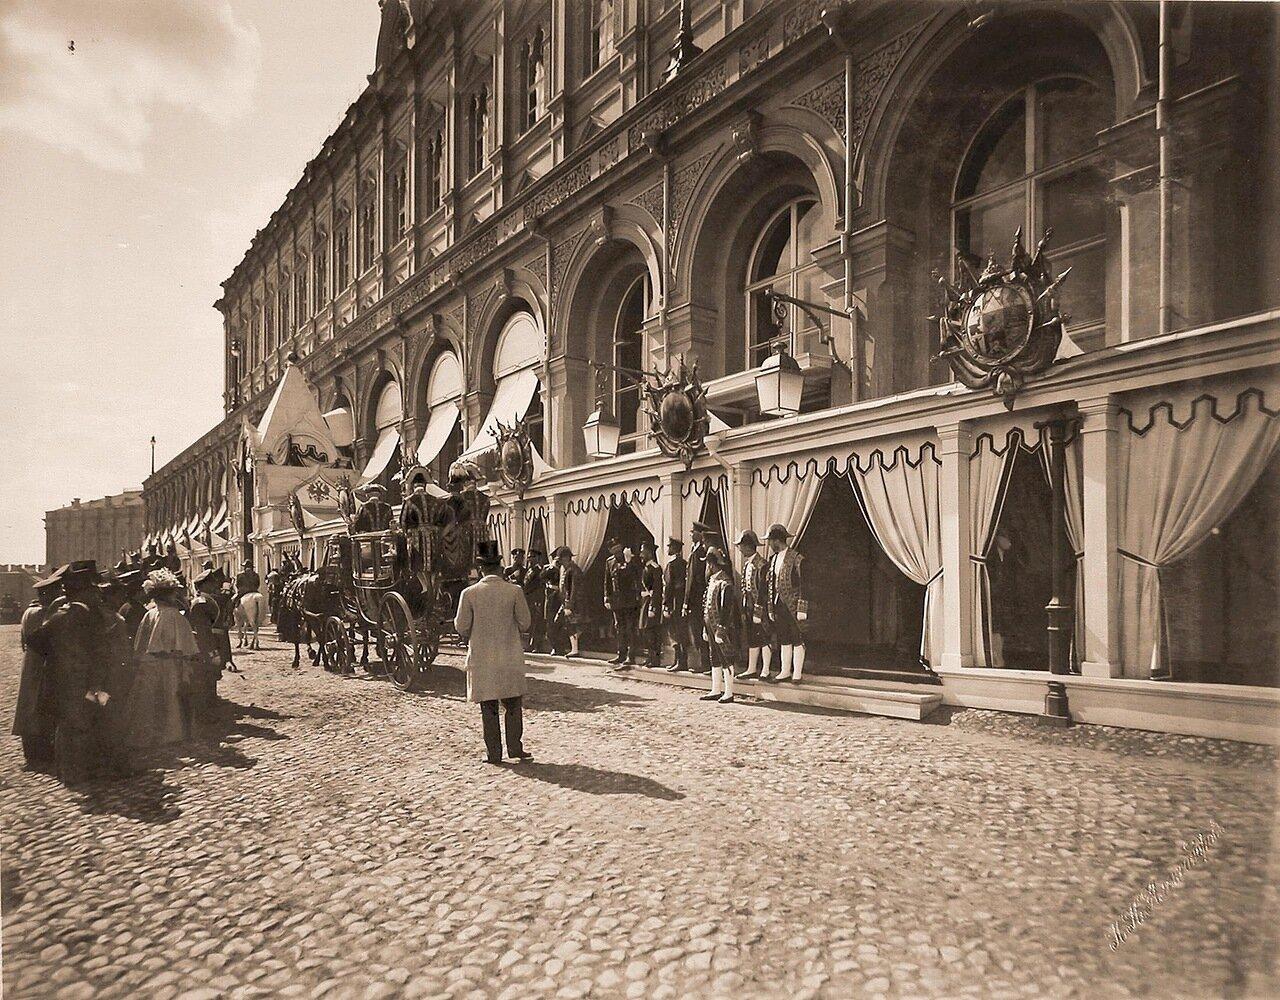 Группа горожан, военные и гражданские чины. дворцовые служащие у главного подъезда Большого Кремлёвского дворца в дни торжественной коронации